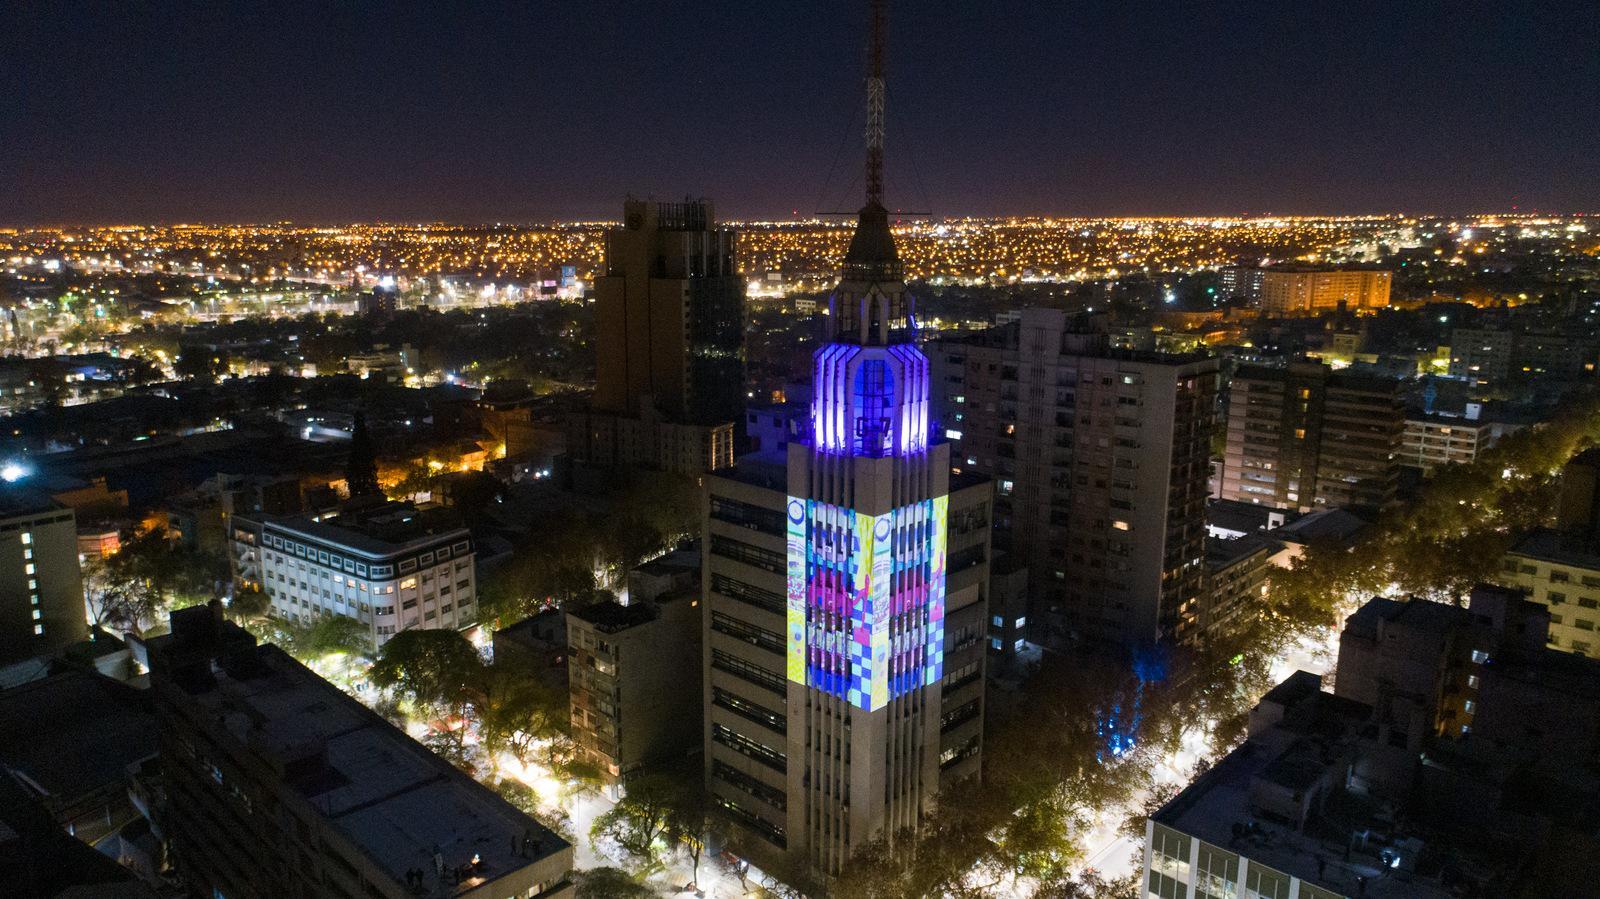 ciudad de noche